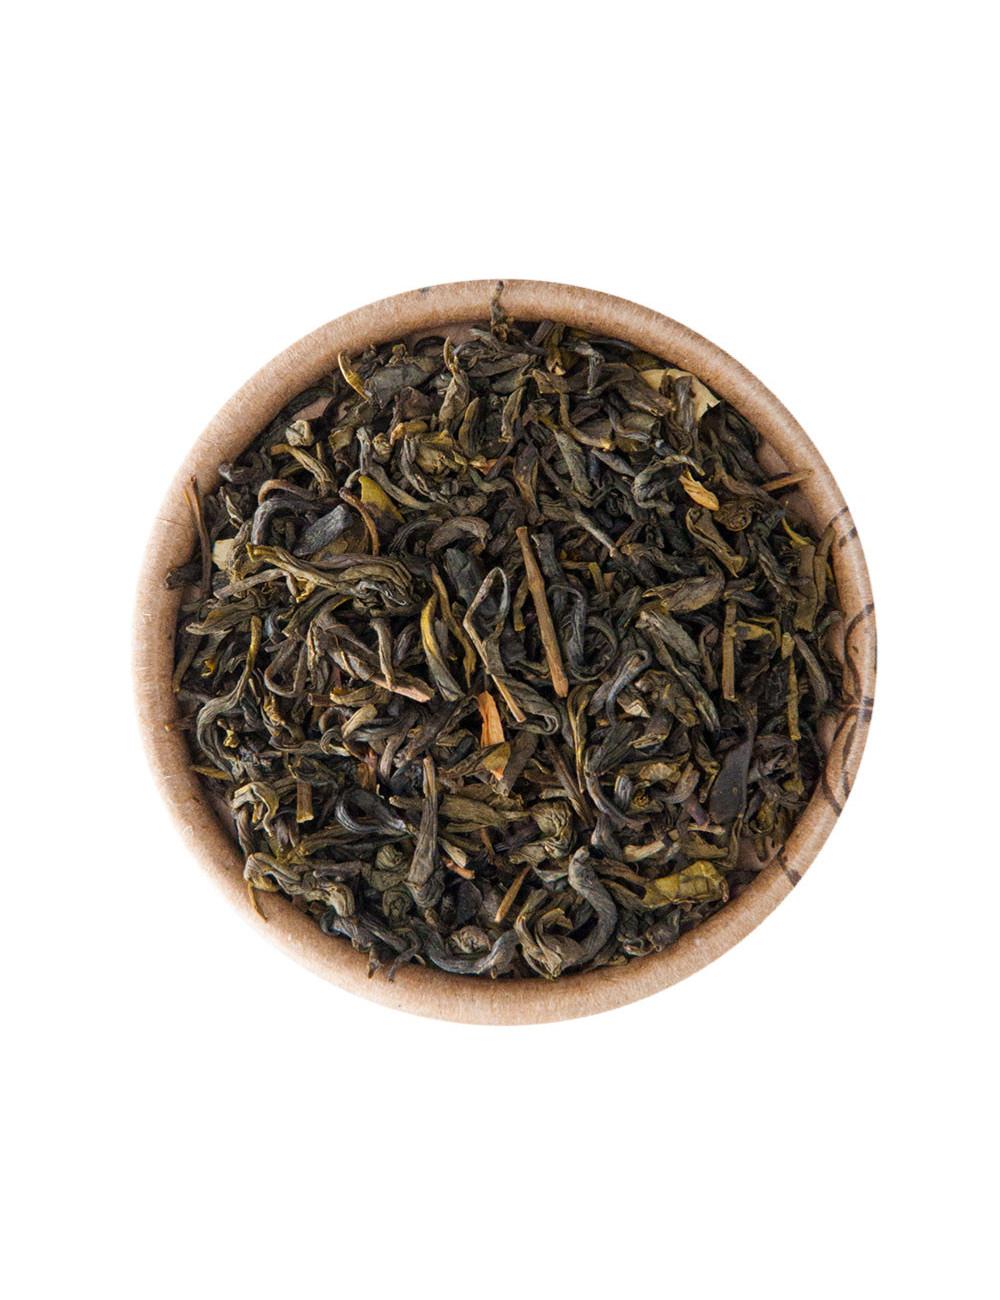 Jasmine tè verde aromatizzato - La Pianta del Tè shop online